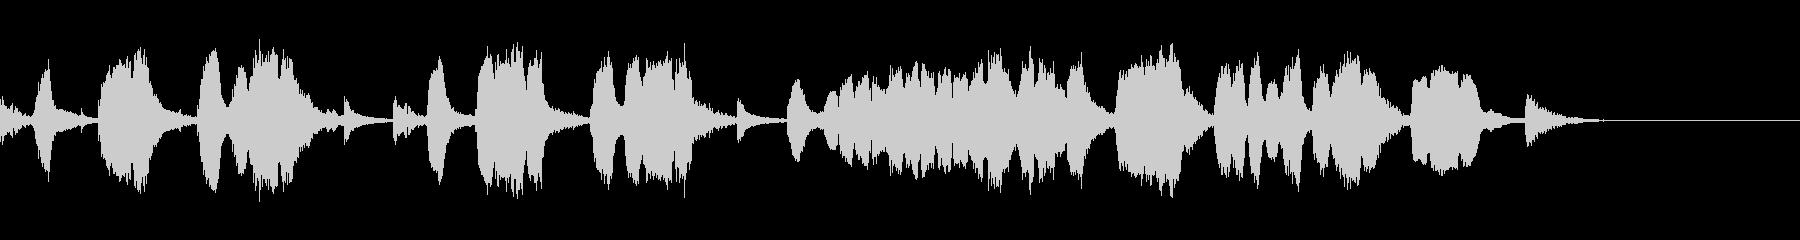 木管楽器類による、昔なつかしいジャズ風の未再生の波形